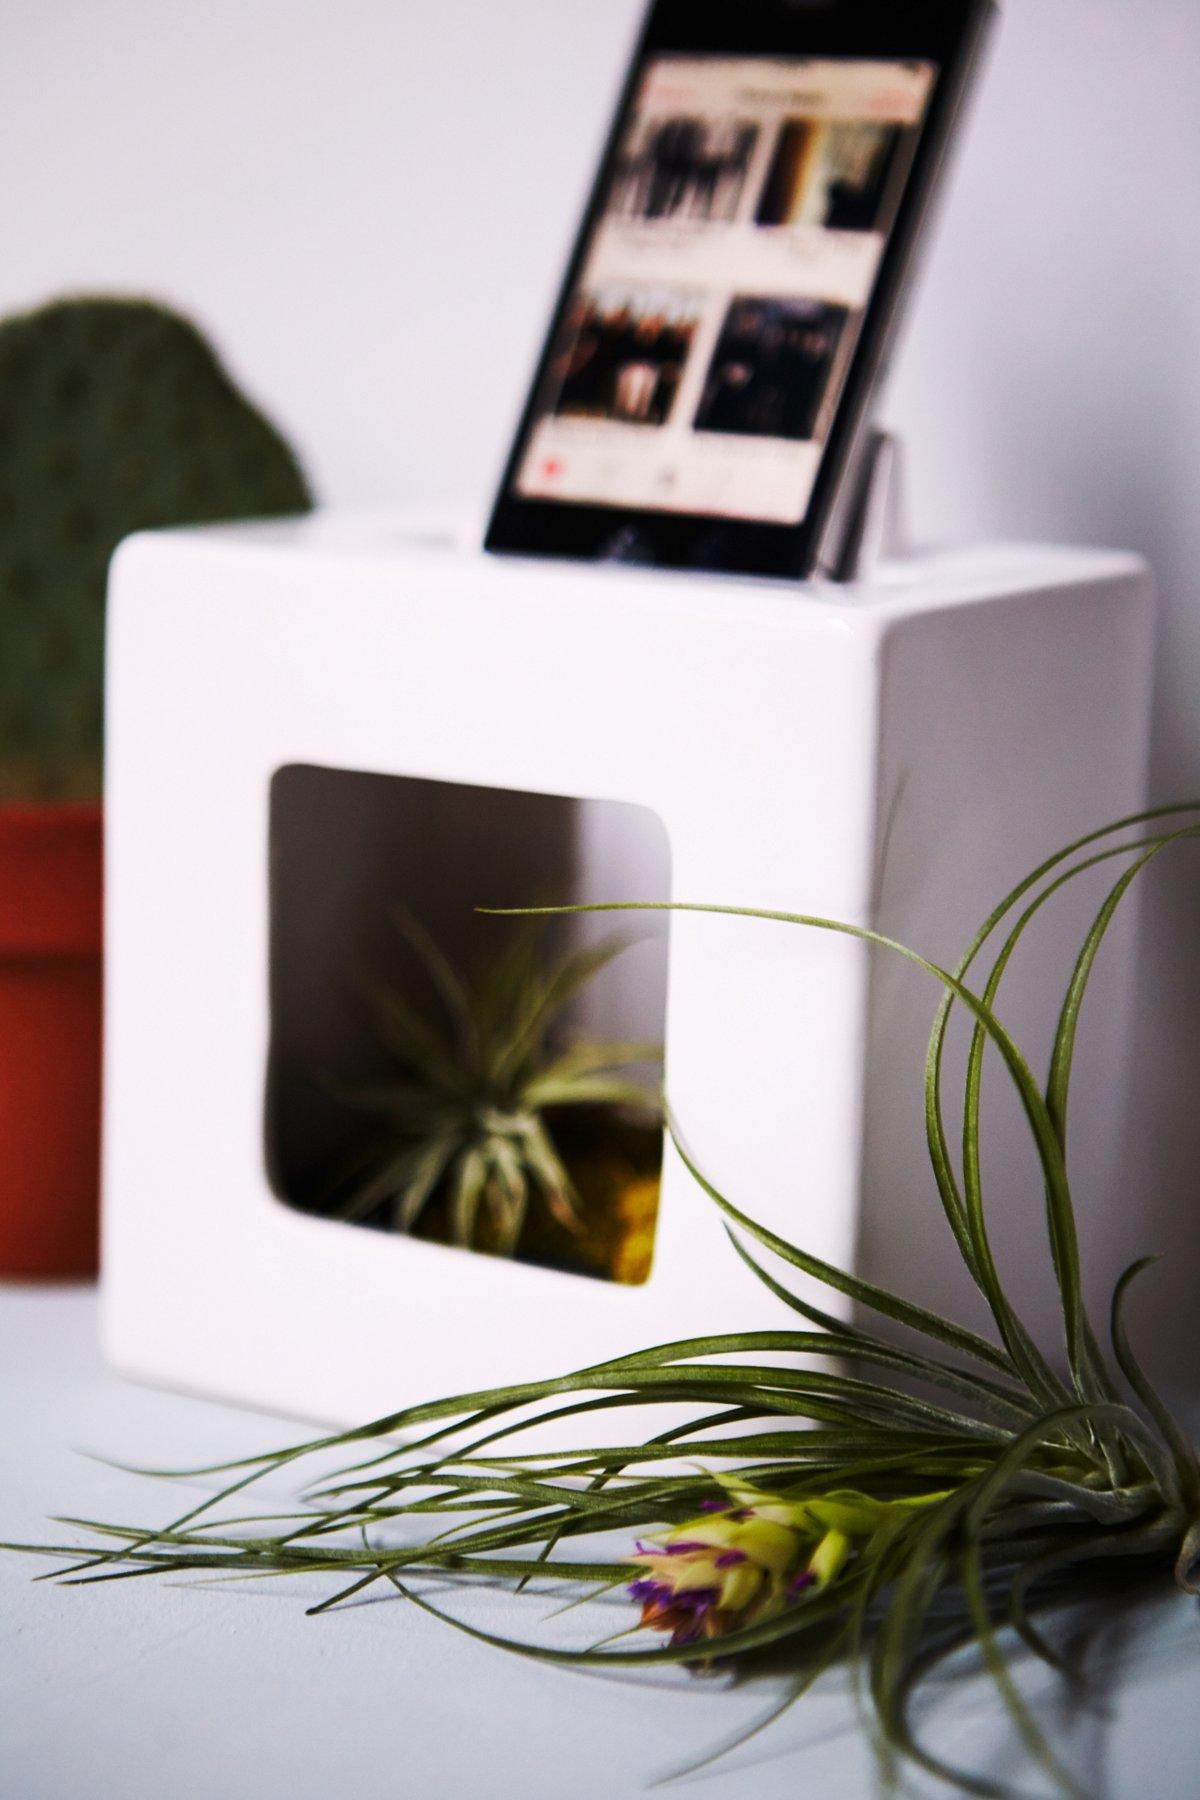 iBloom Phone Amplifier